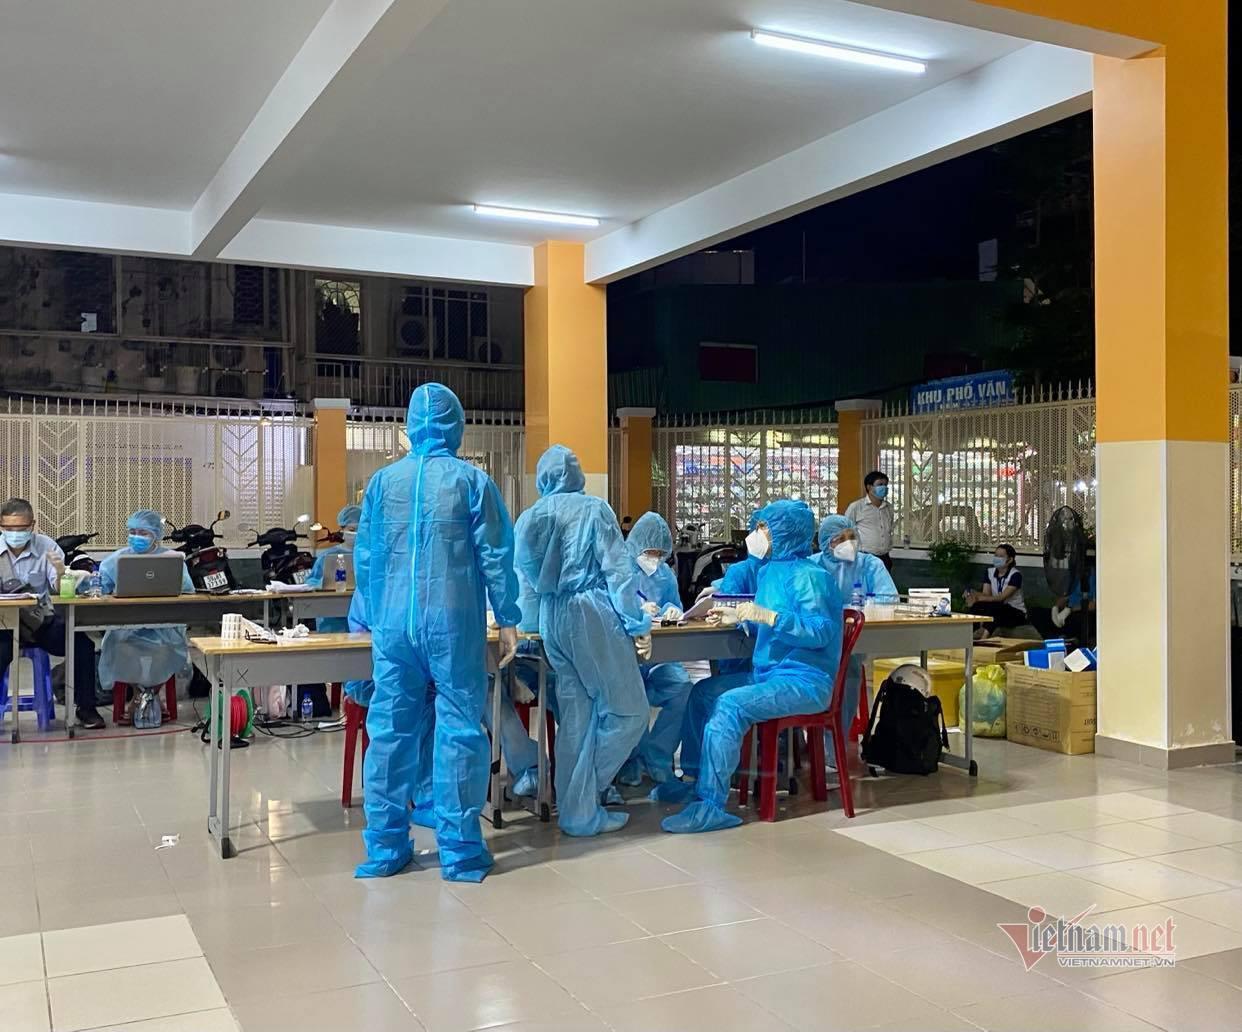 TP.HCM khẩn cấp xét nghiệm 2.000 dân do một ca nhiễm Covid-19